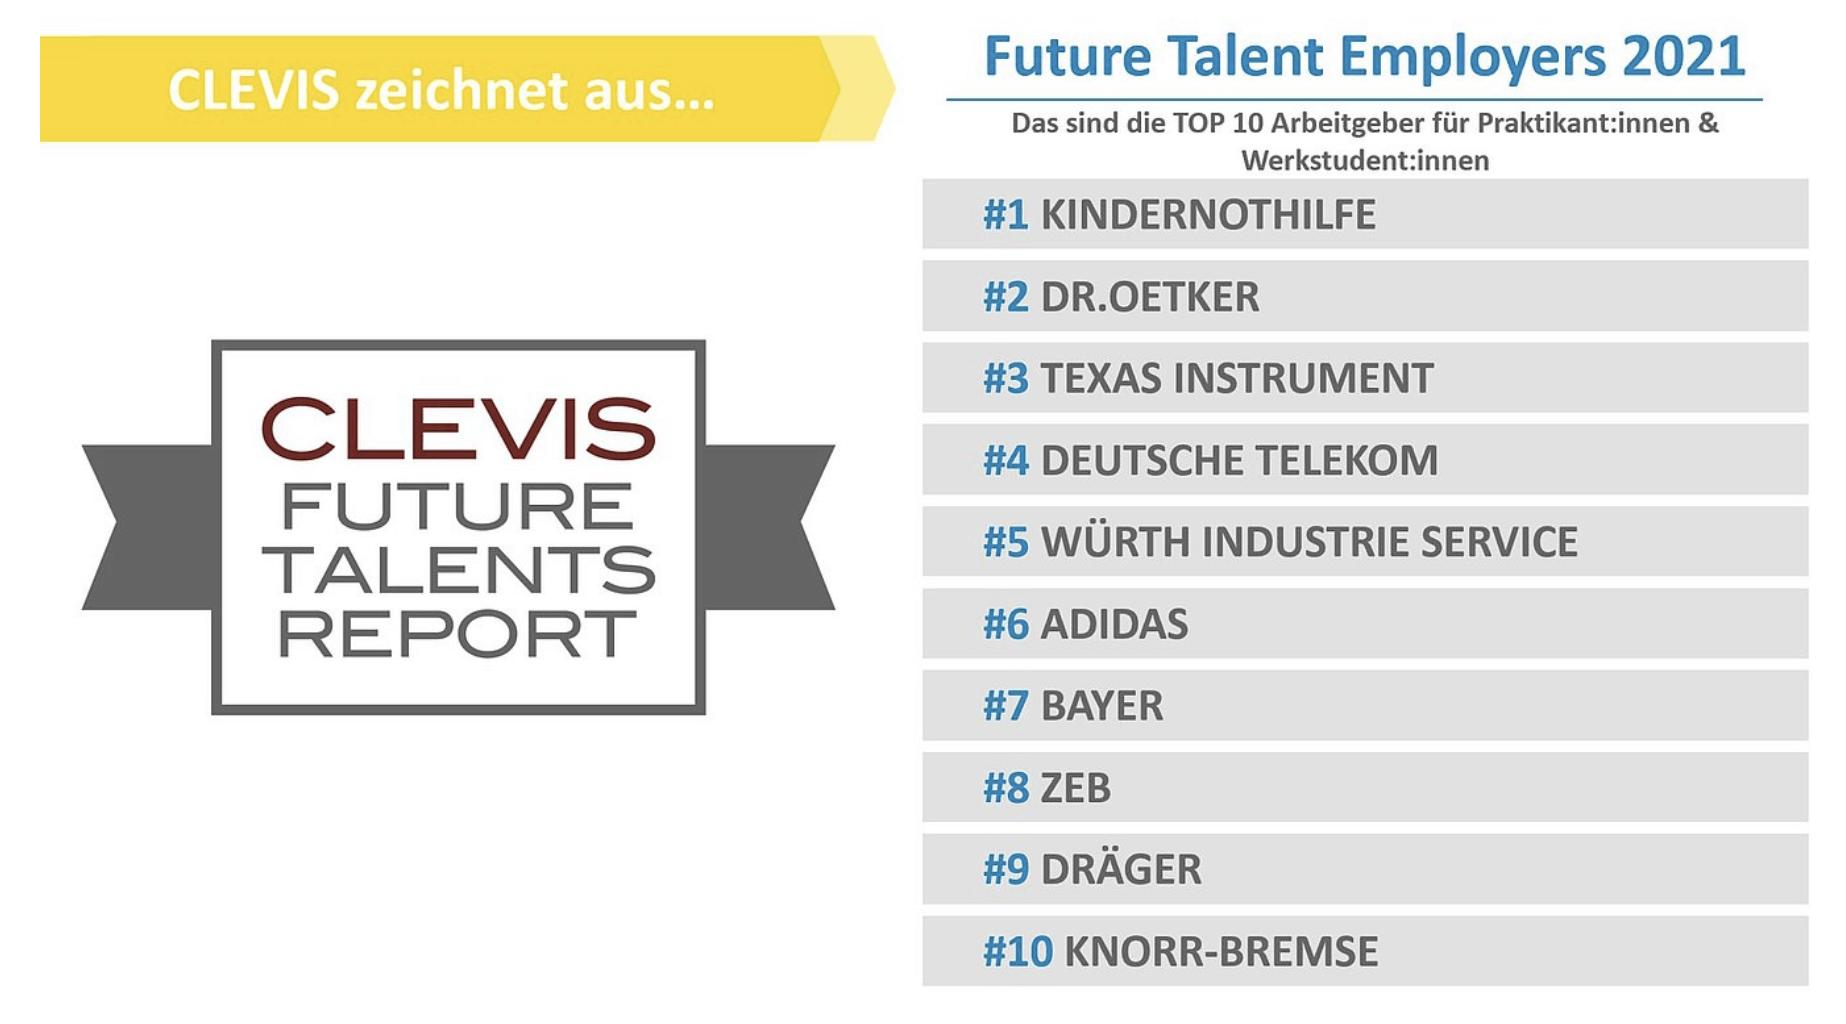 Die 10 besten Praktikum Arbeitgeber